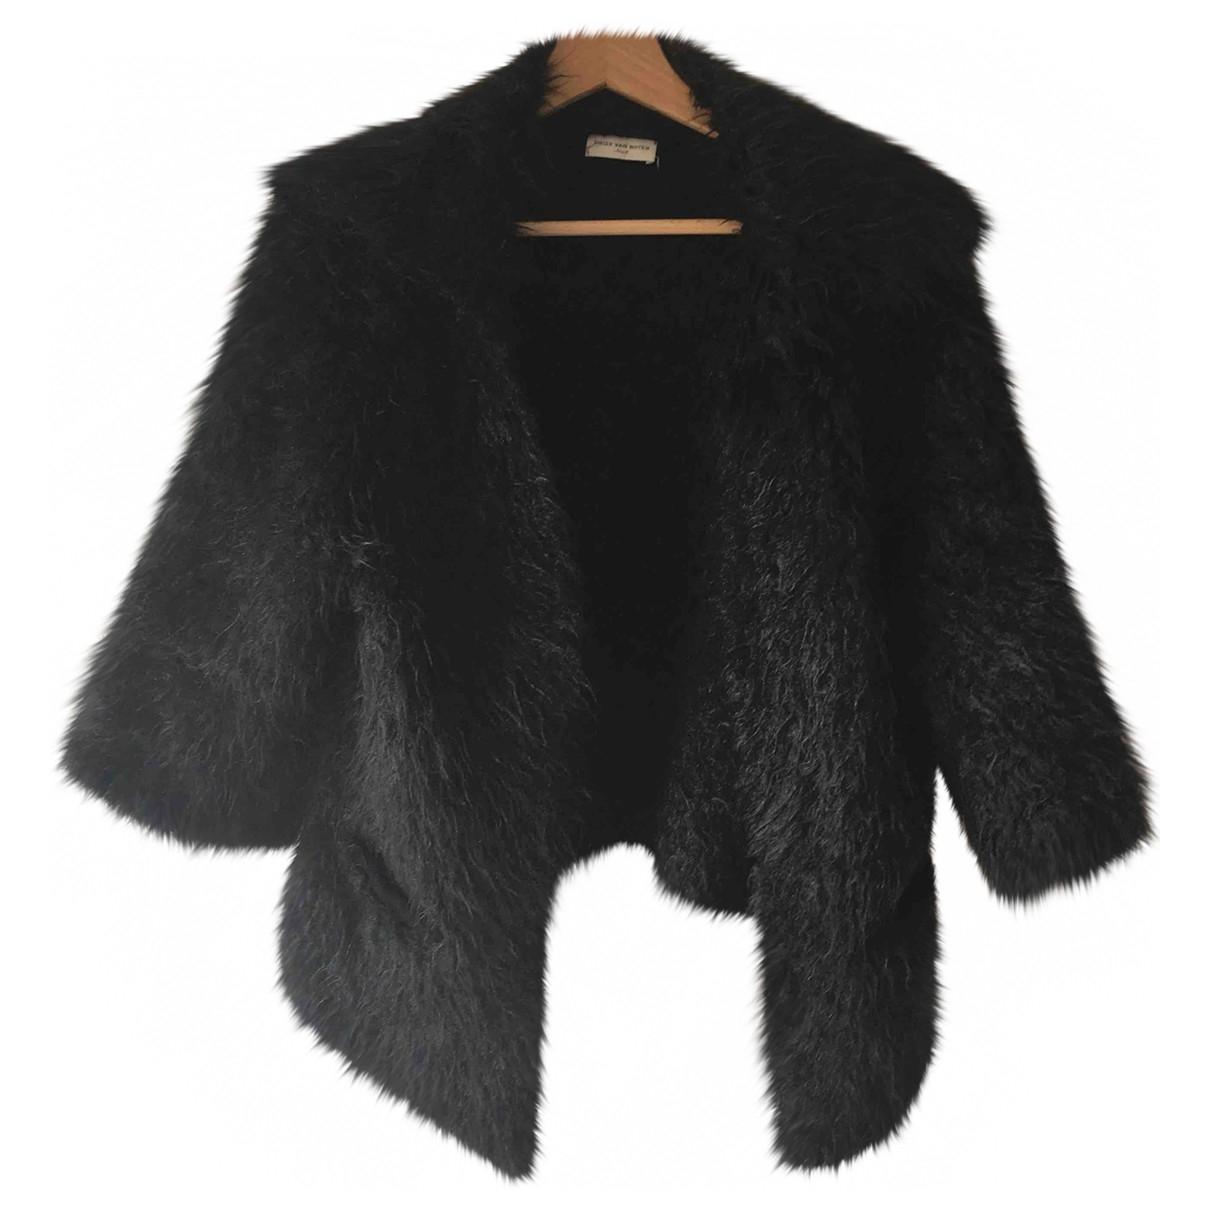 Dries Van Noten \N Black Wool jacket for Women S International